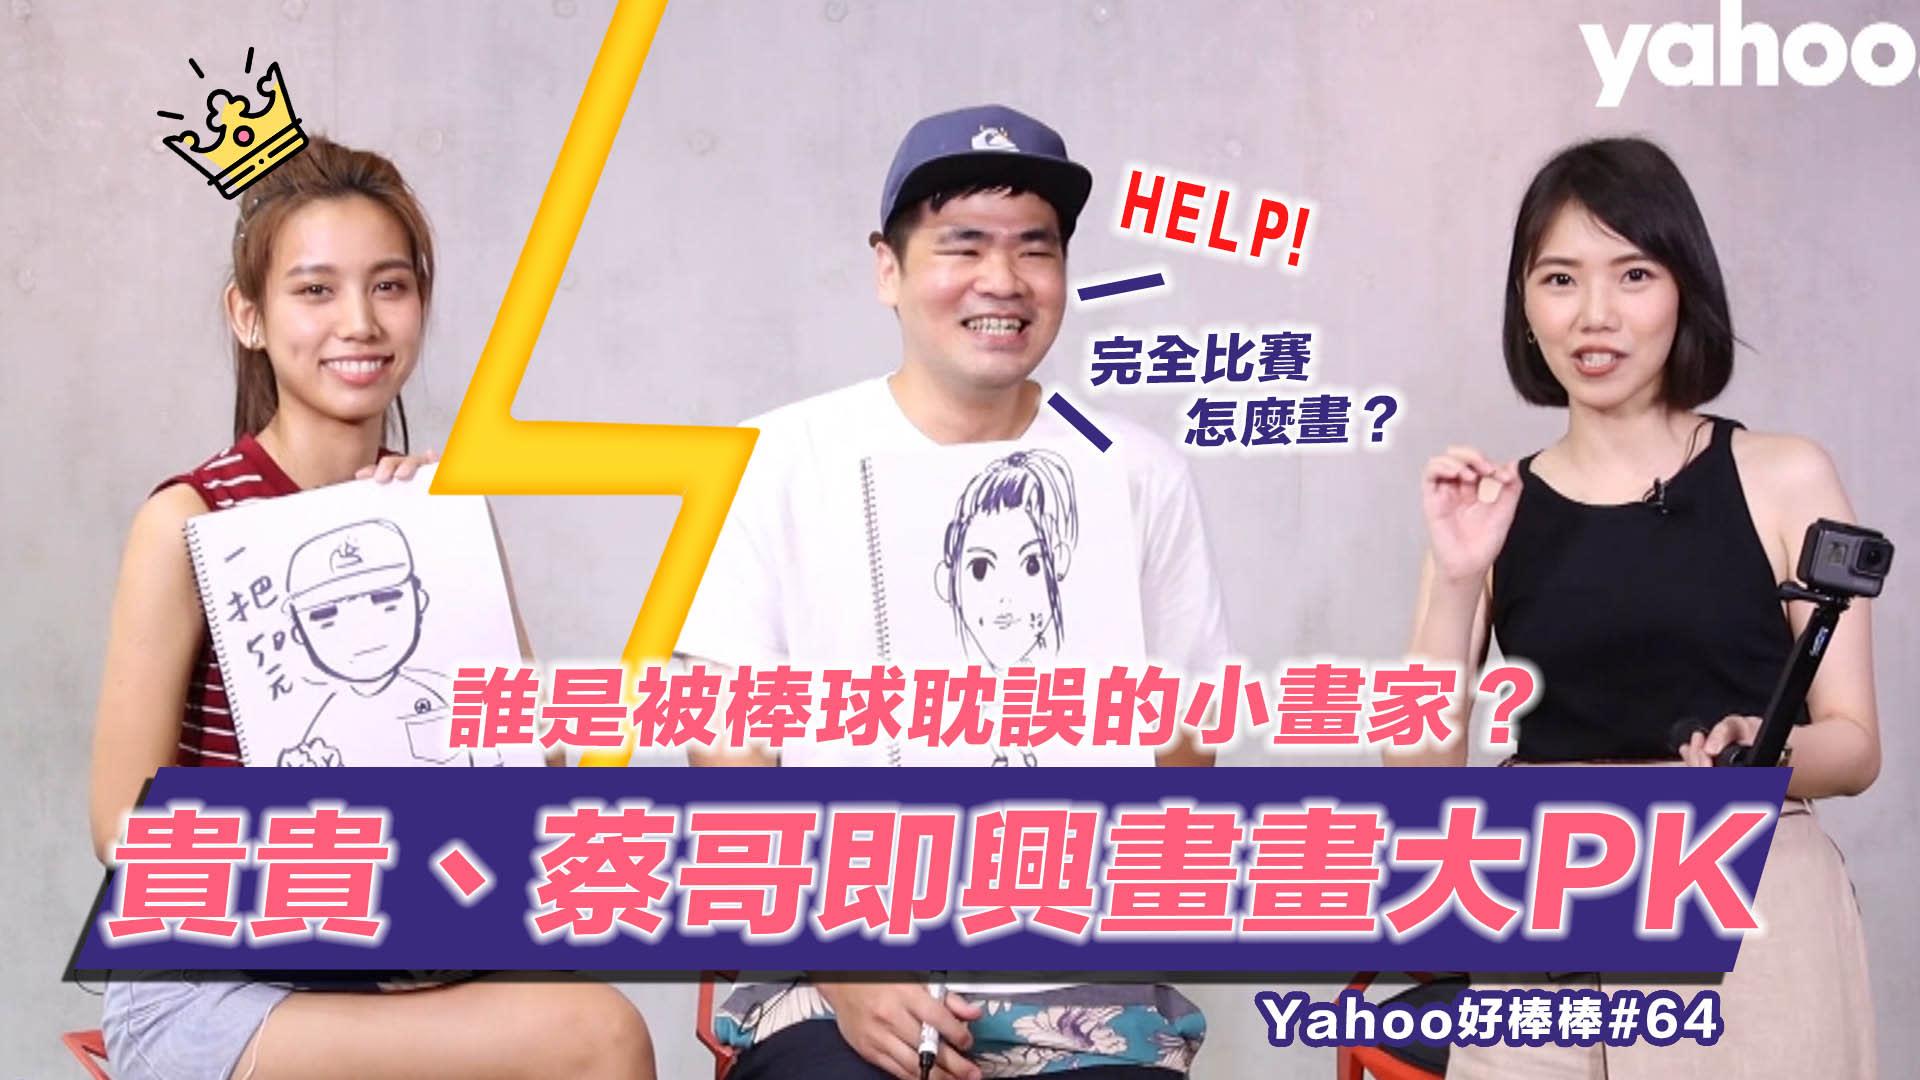 完全比賽怎麼畫?貴貴、蔡哥即興畫畫大PK,誰是被棒球耽誤的小畫家?-Yahoo好棒棒#64